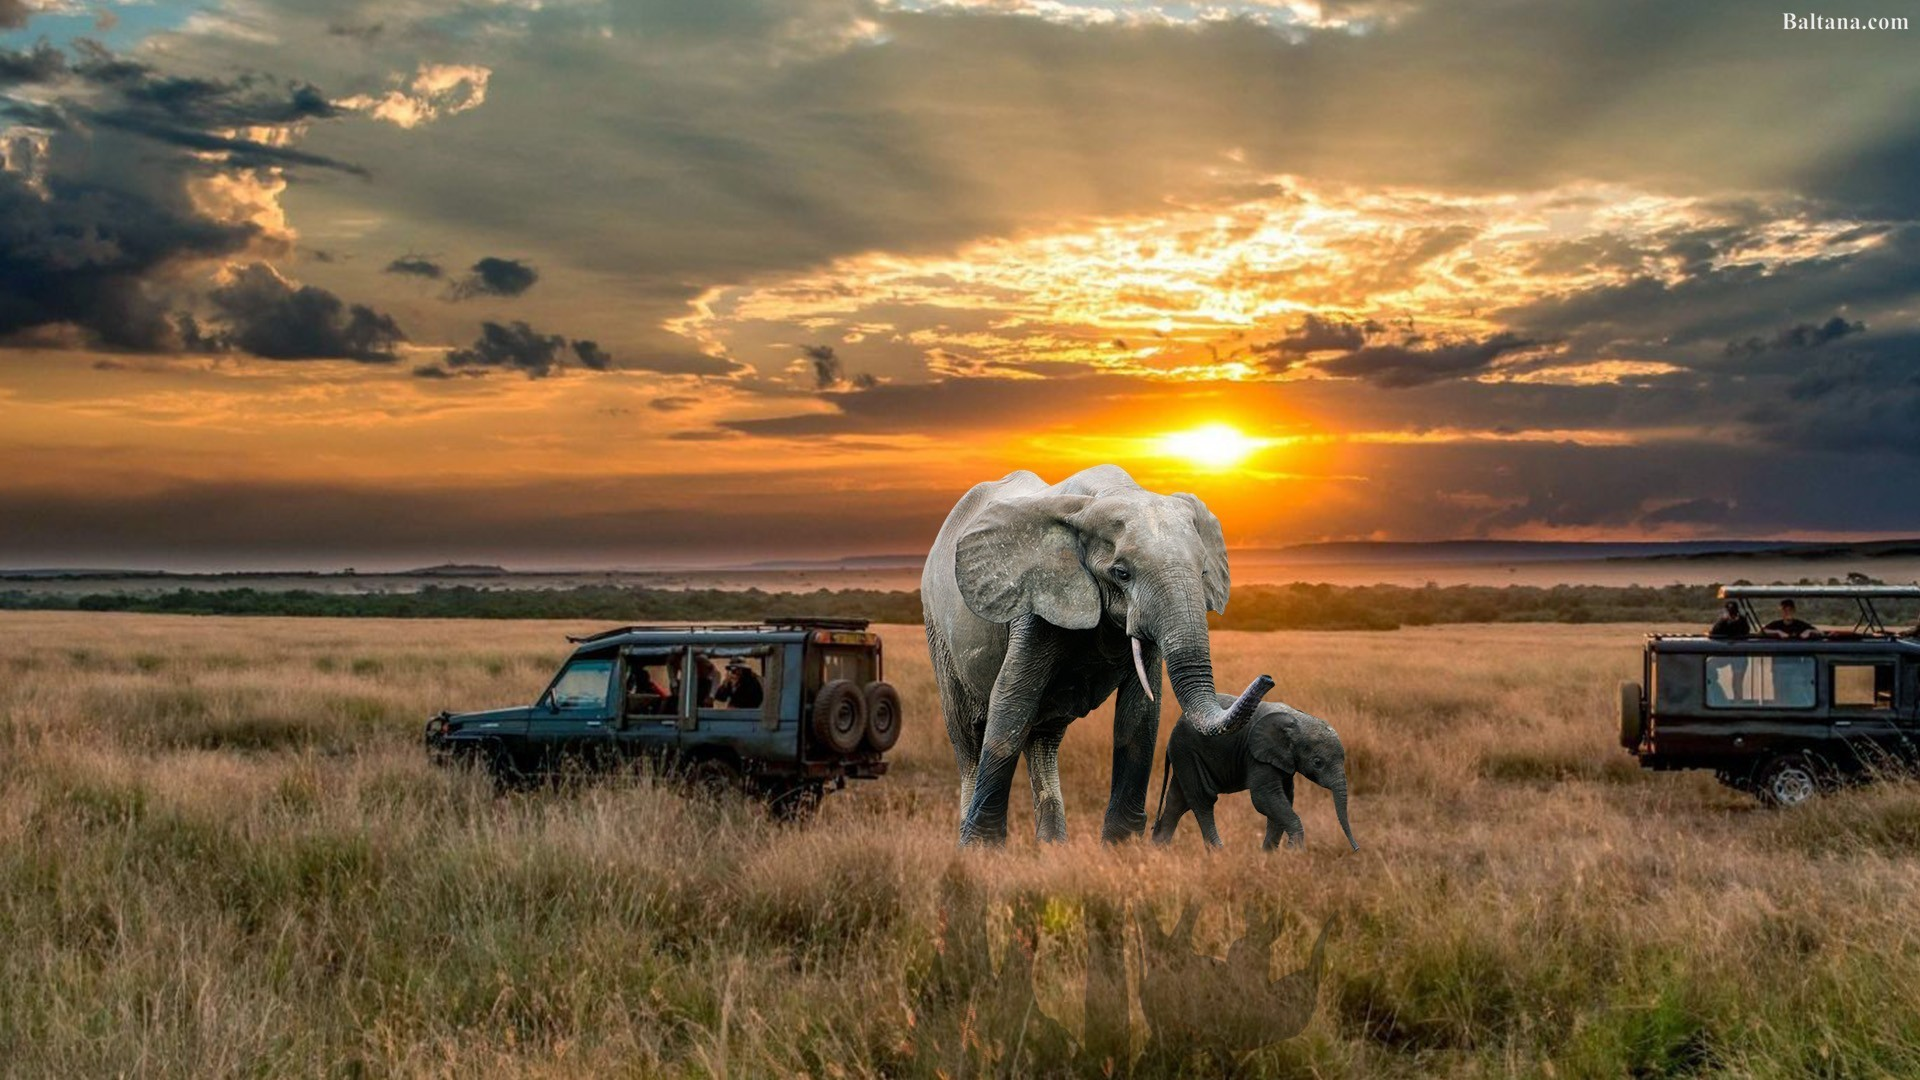 Res: 1920x1080, Elephant HD Desktop Wallpaper 29725